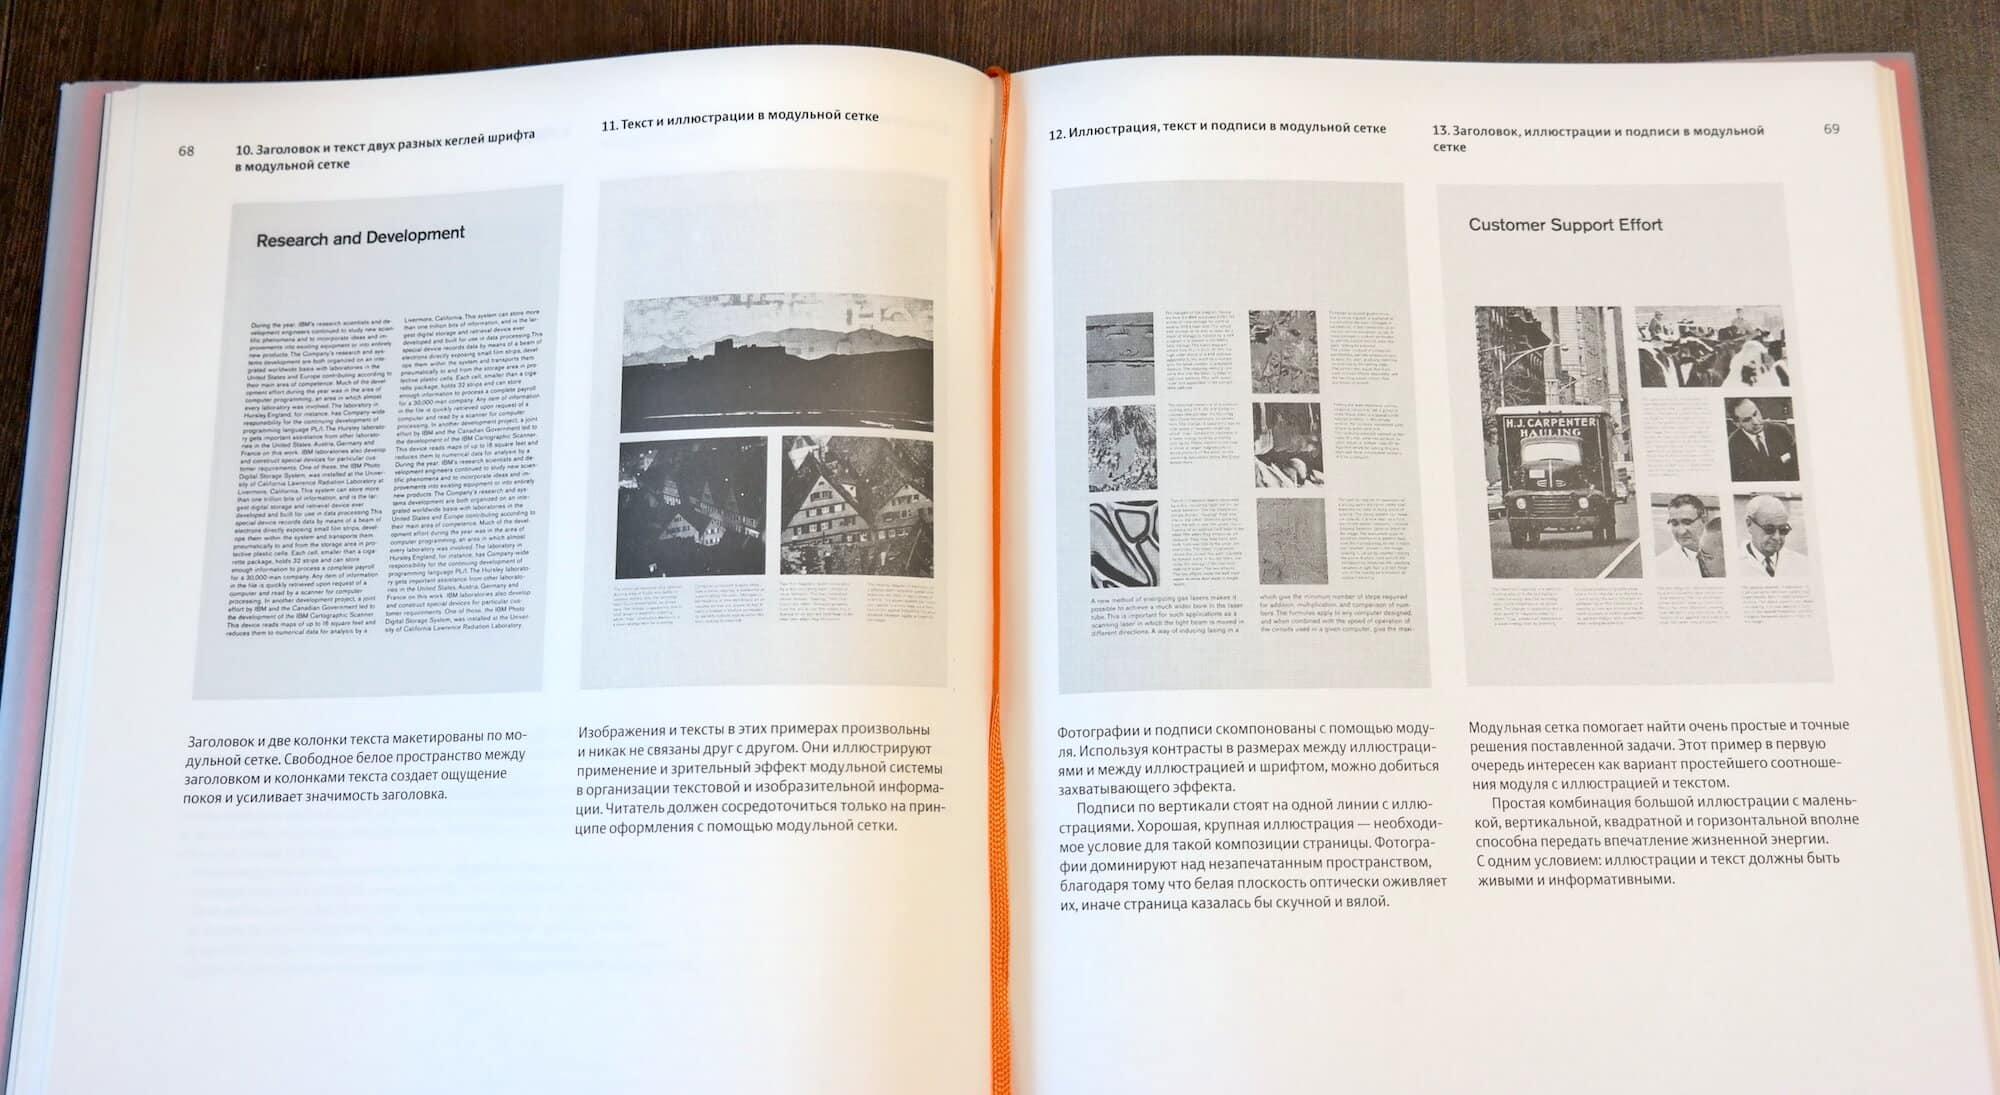 Текст и иллюстрации в модульной сетке